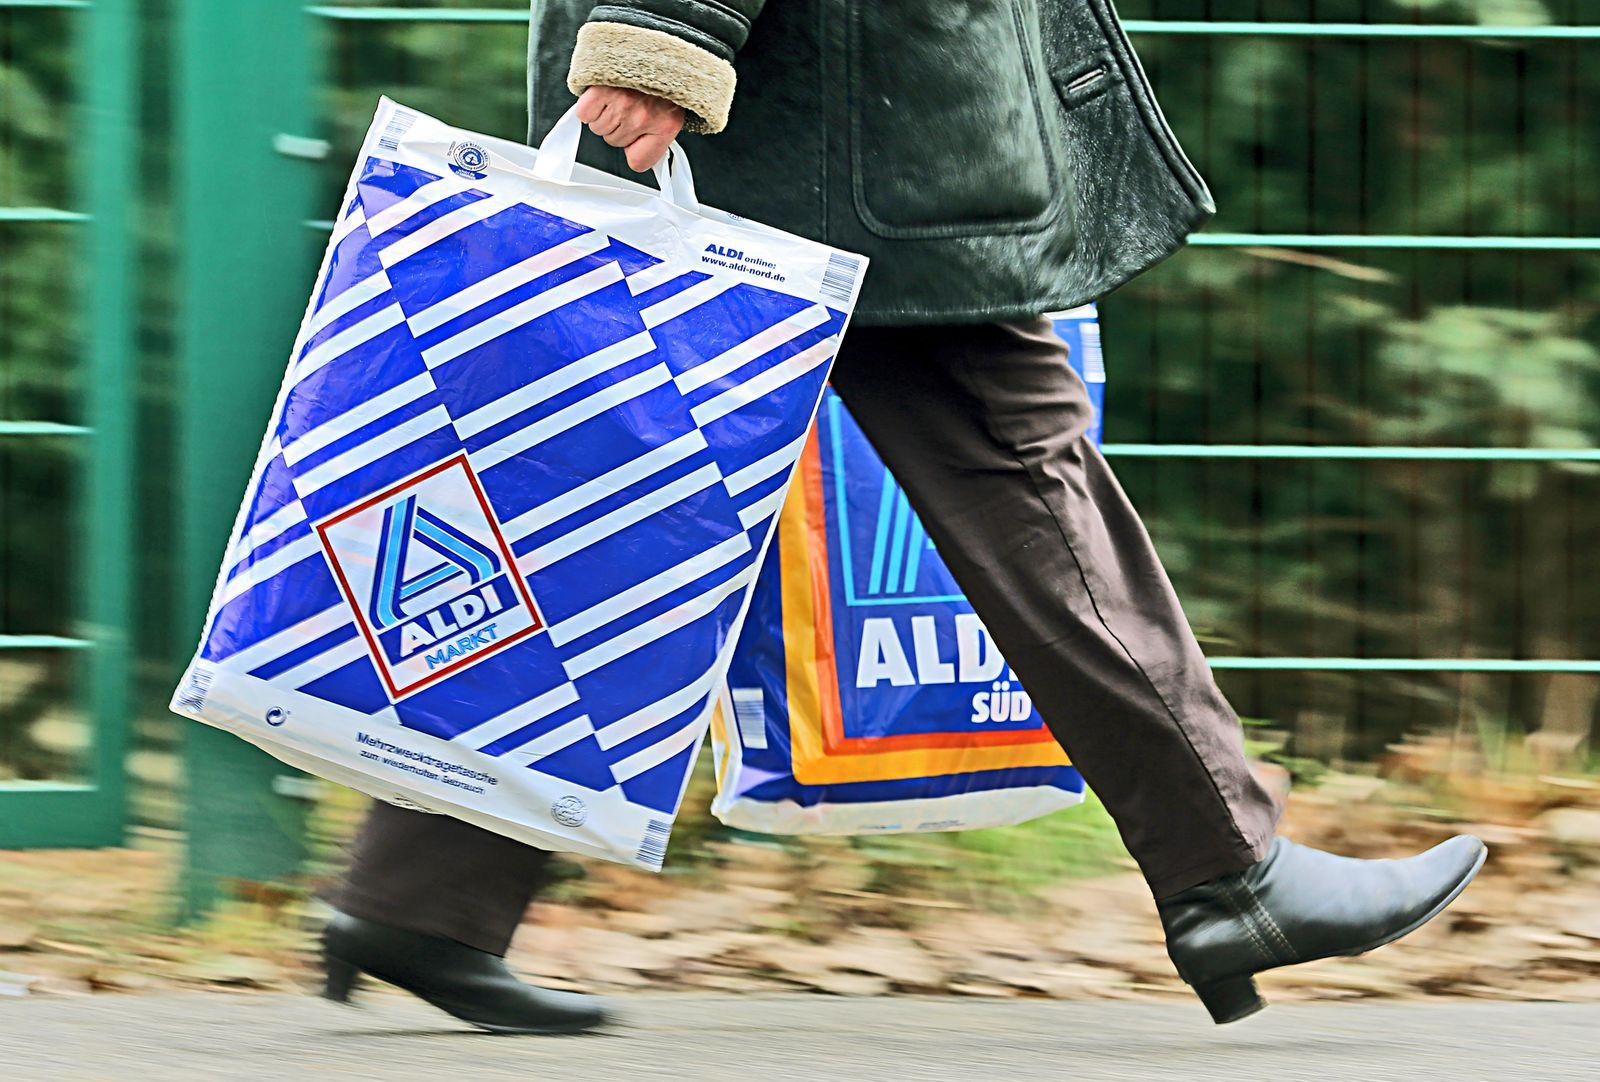 Einkaufstüten von Aldi